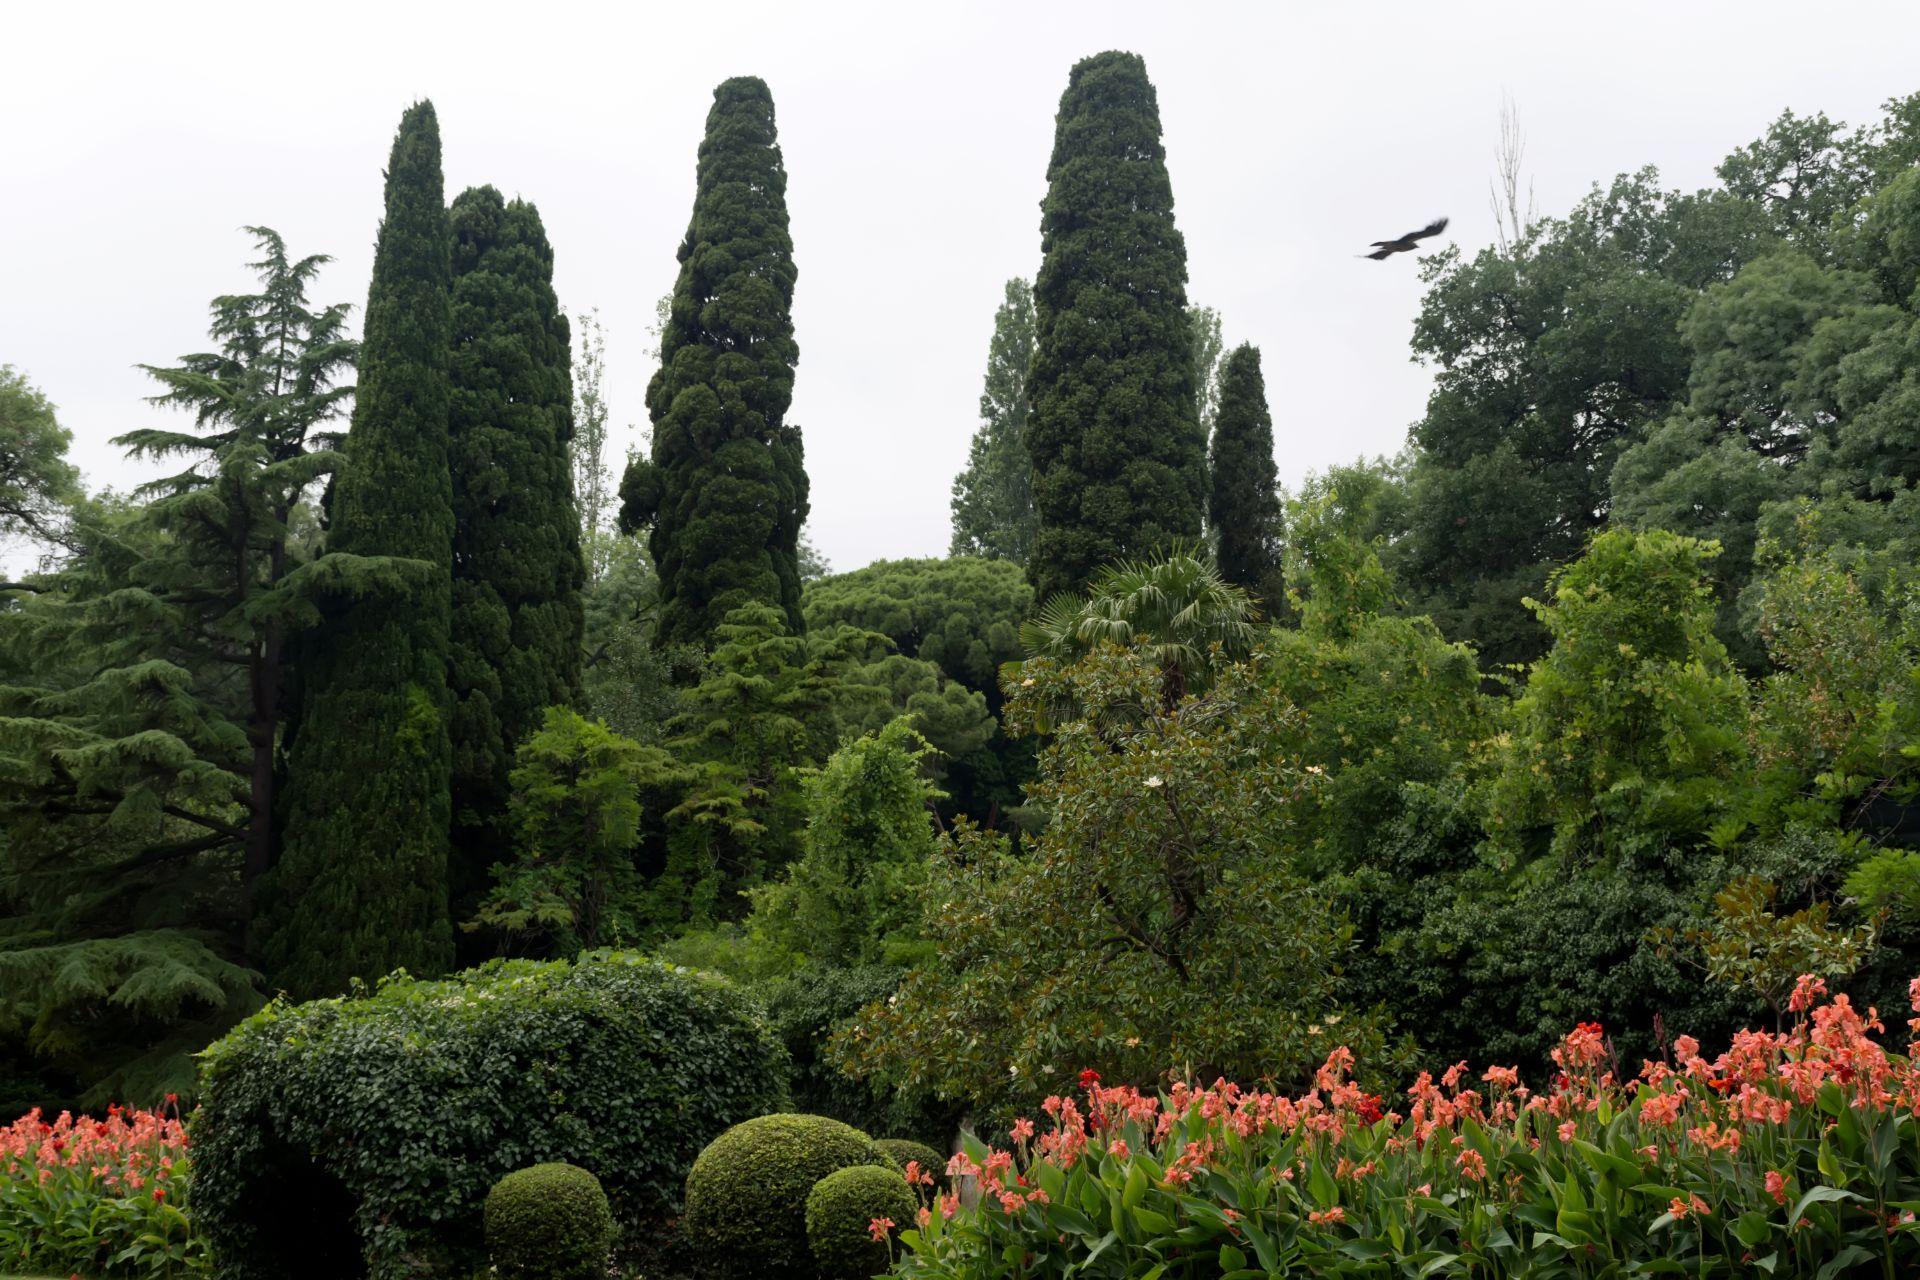 ходе розыска деревья мисхорского парка описание и фото нелюбителя пирсинга, плюсы